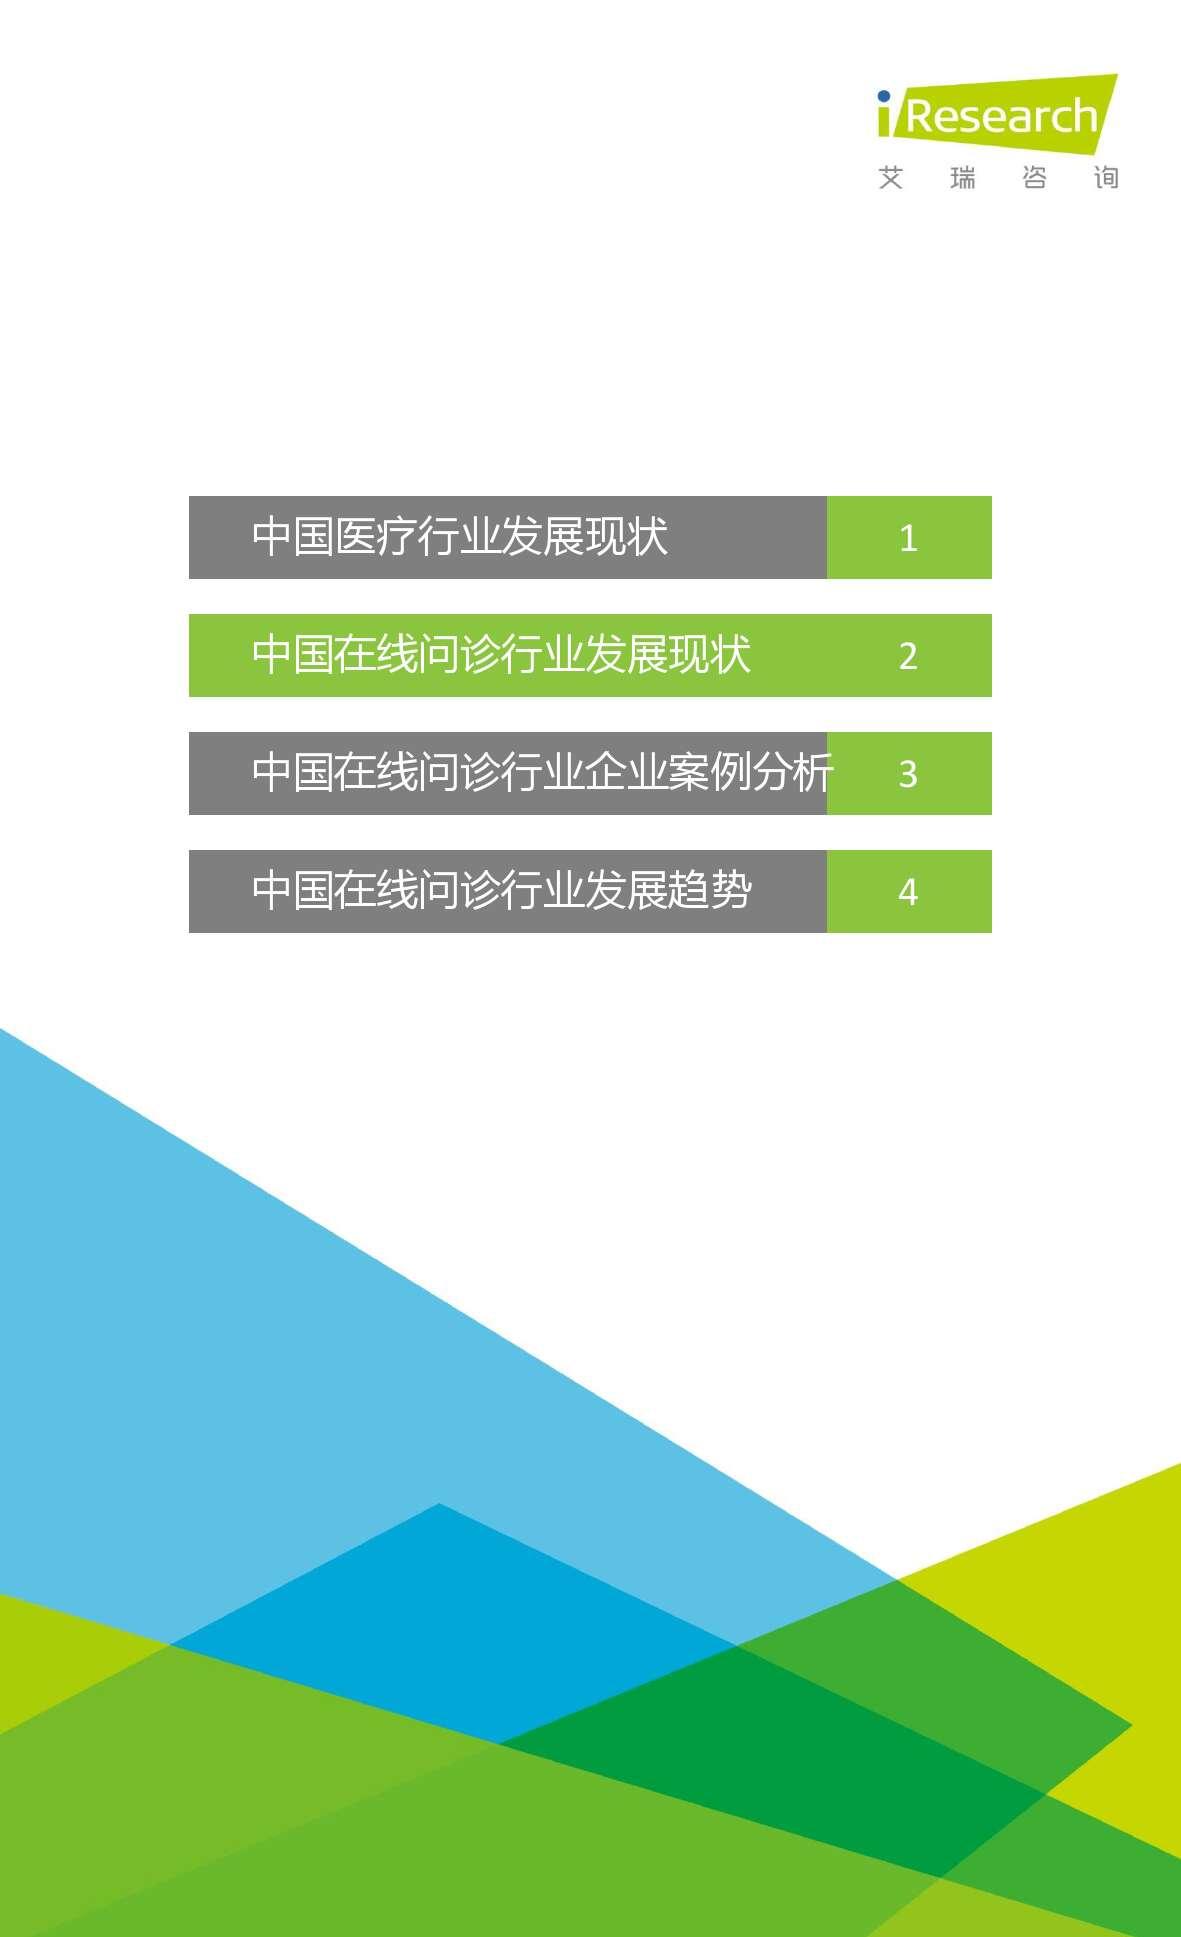 2015年中国在线问诊行业研究报告_000015